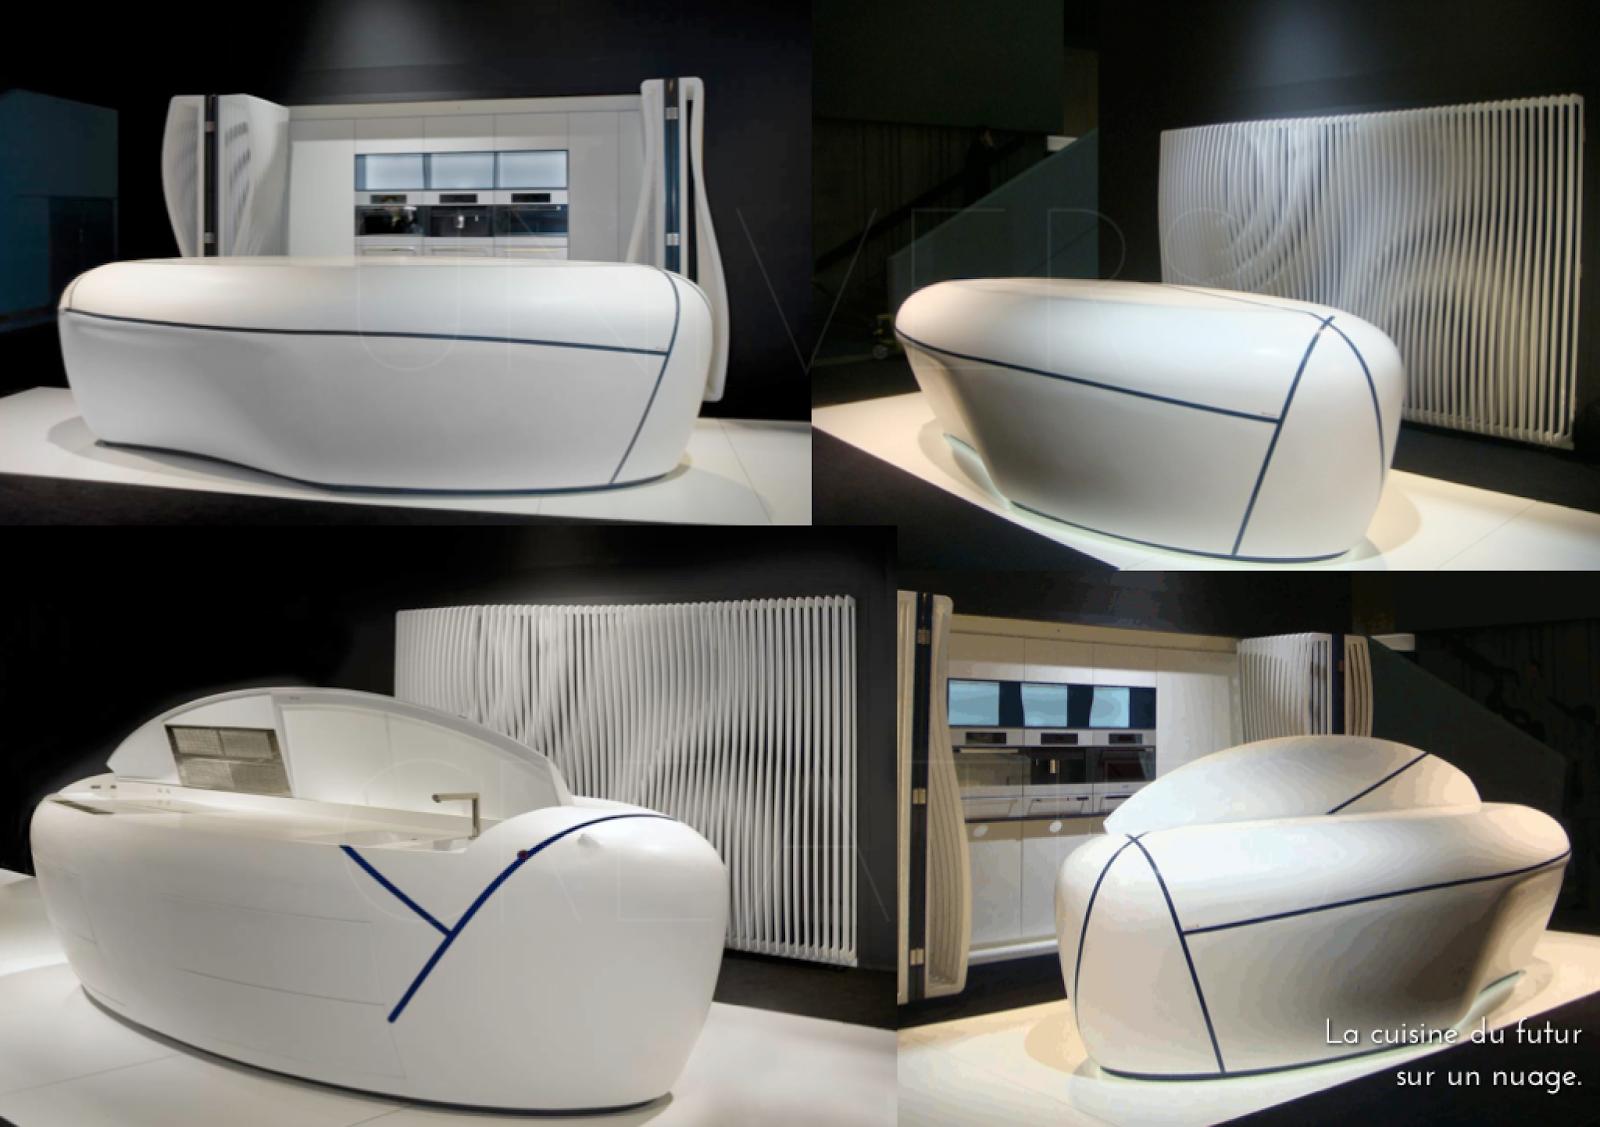 univers creatifs la cuisine du futur sur un nuage. Black Bedroom Furniture Sets. Home Design Ideas